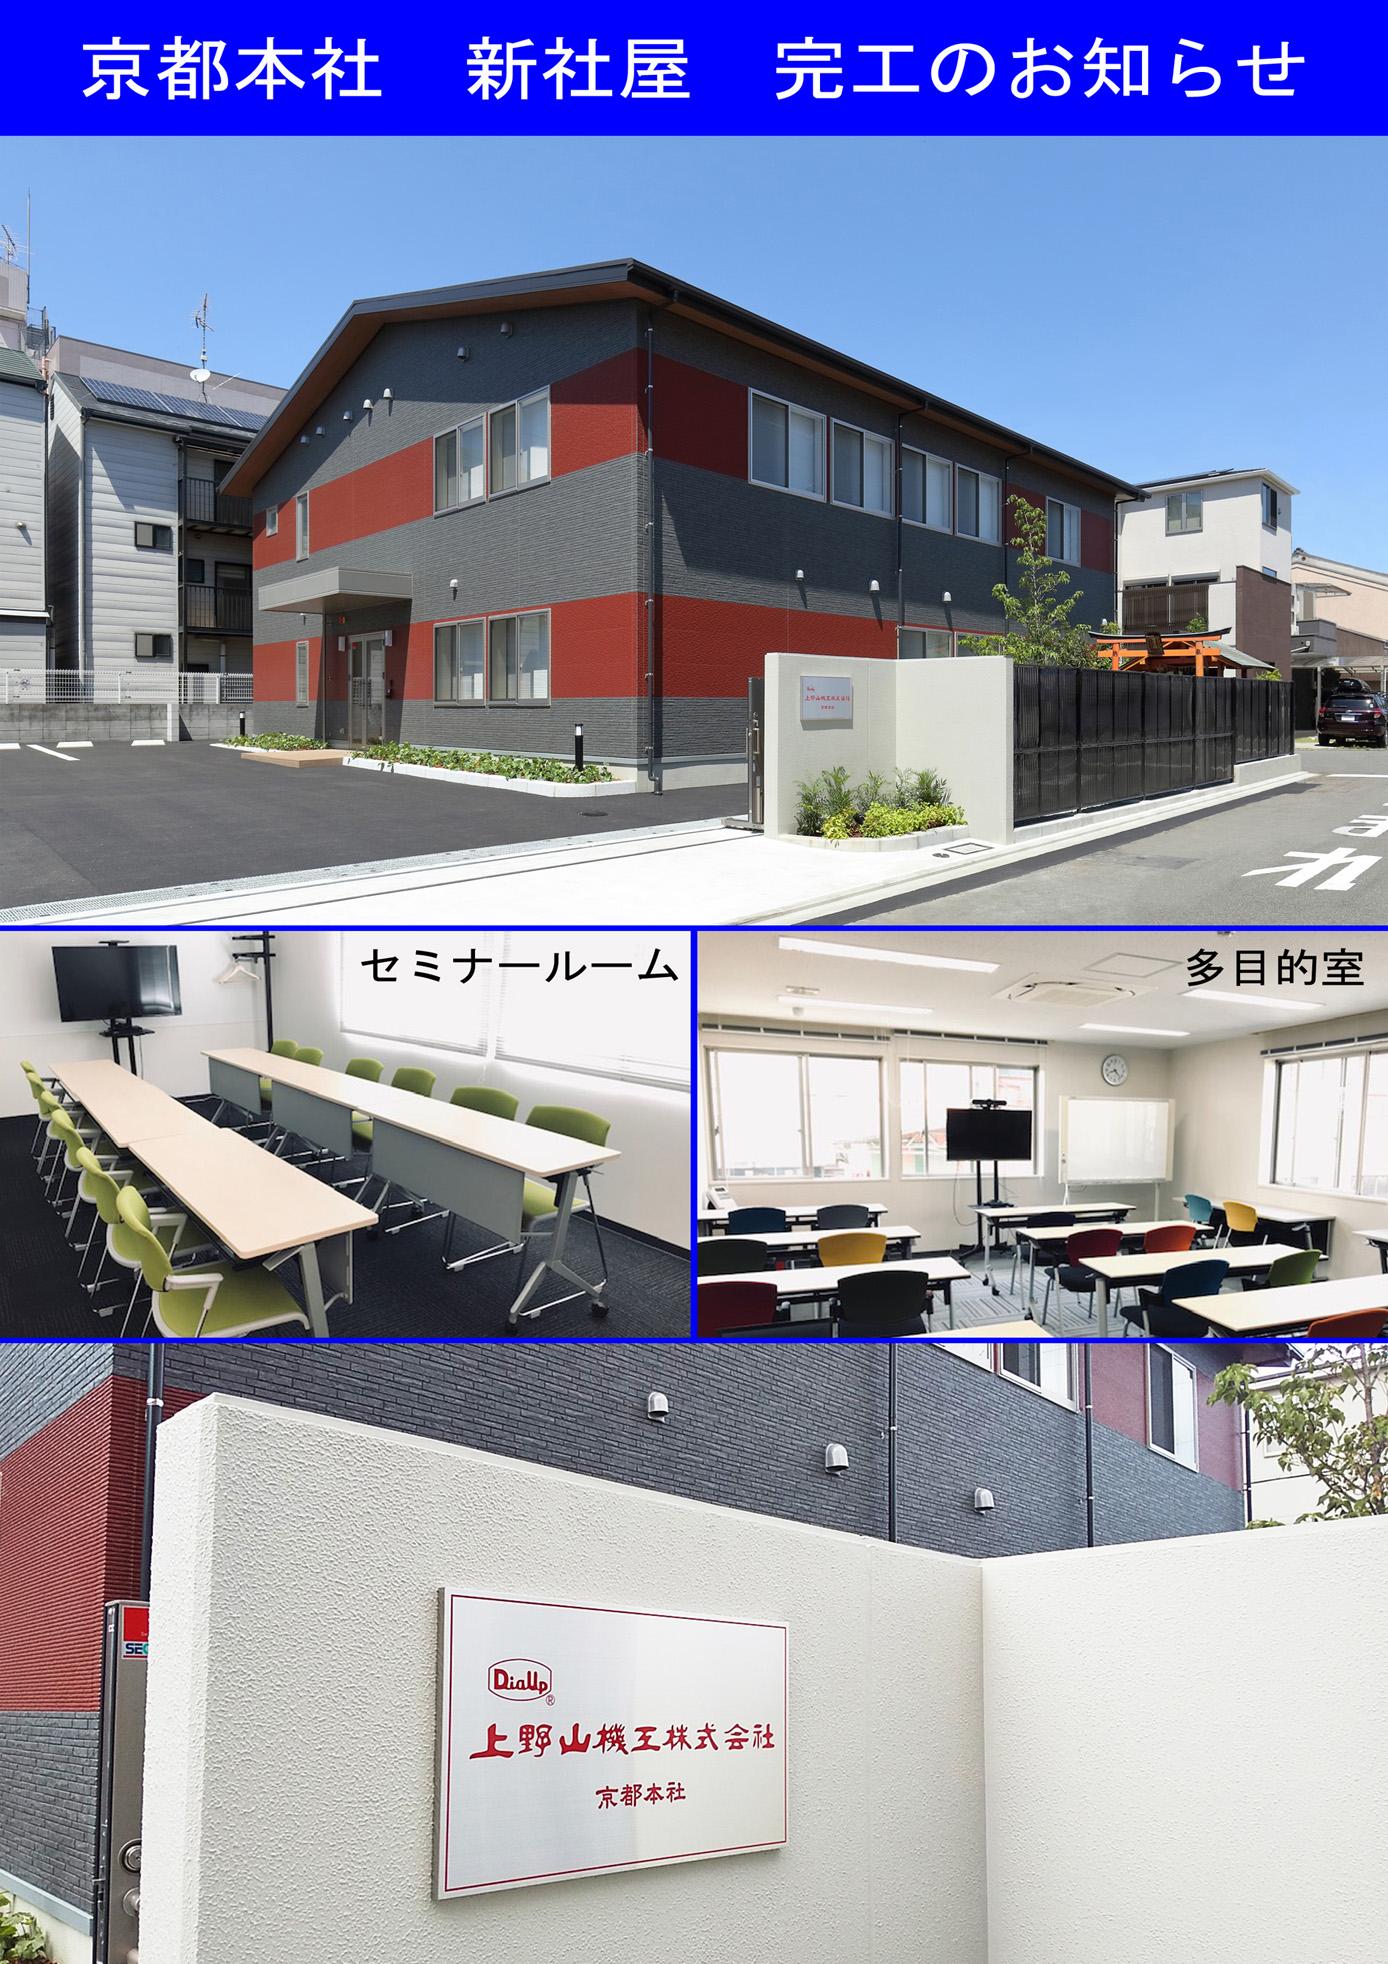 京都本社 新社屋完工のお知らせ